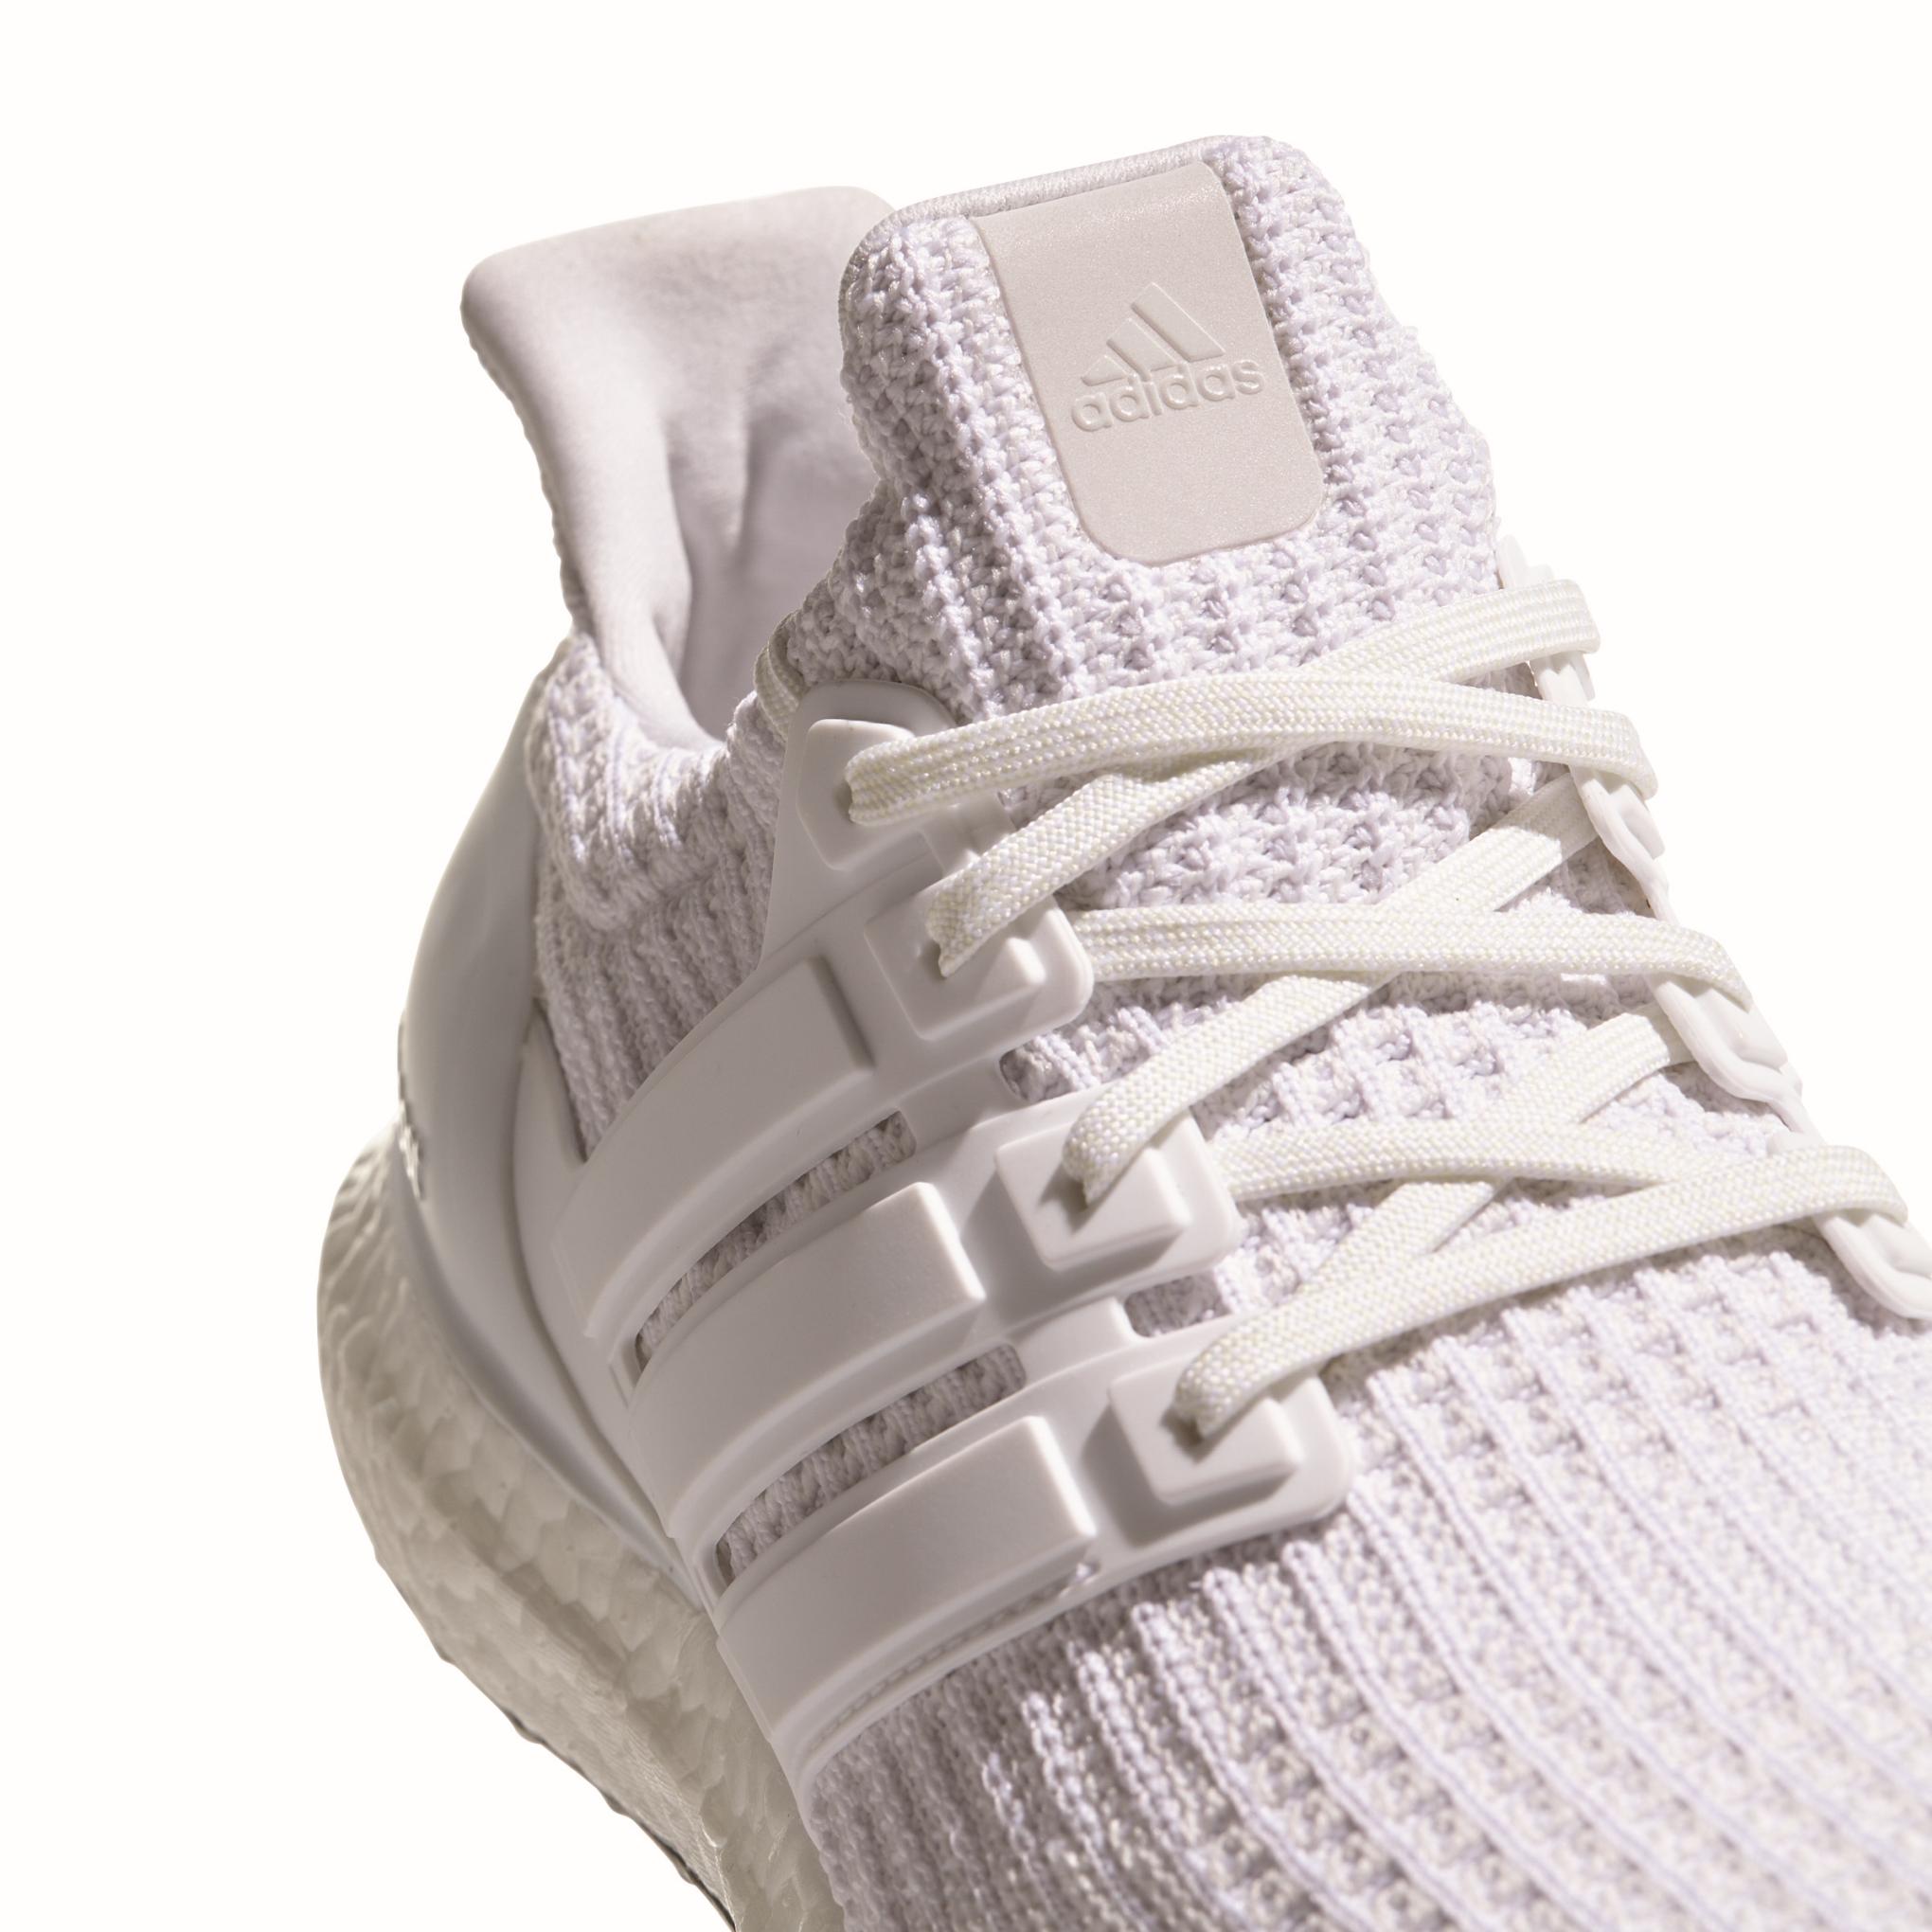 adidas UltraBOOST Herren Laufschuhe Running Schuhe Sneaker